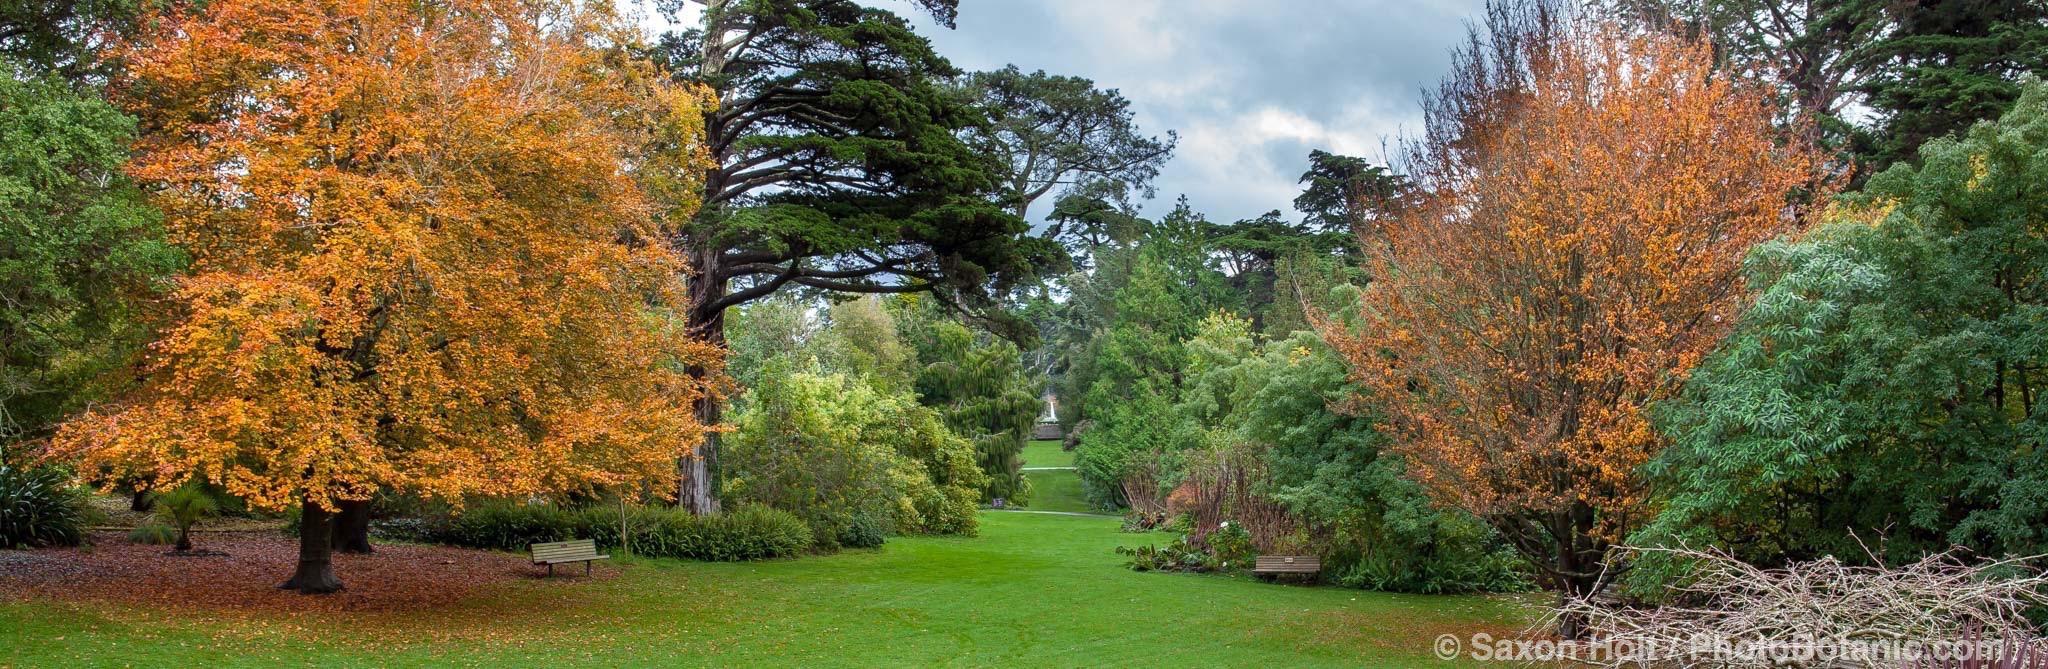 Panorama axial view of San Francisco Botanical Garden in autumn from Zellerbach Perennial Garden toward Fountain Plaza